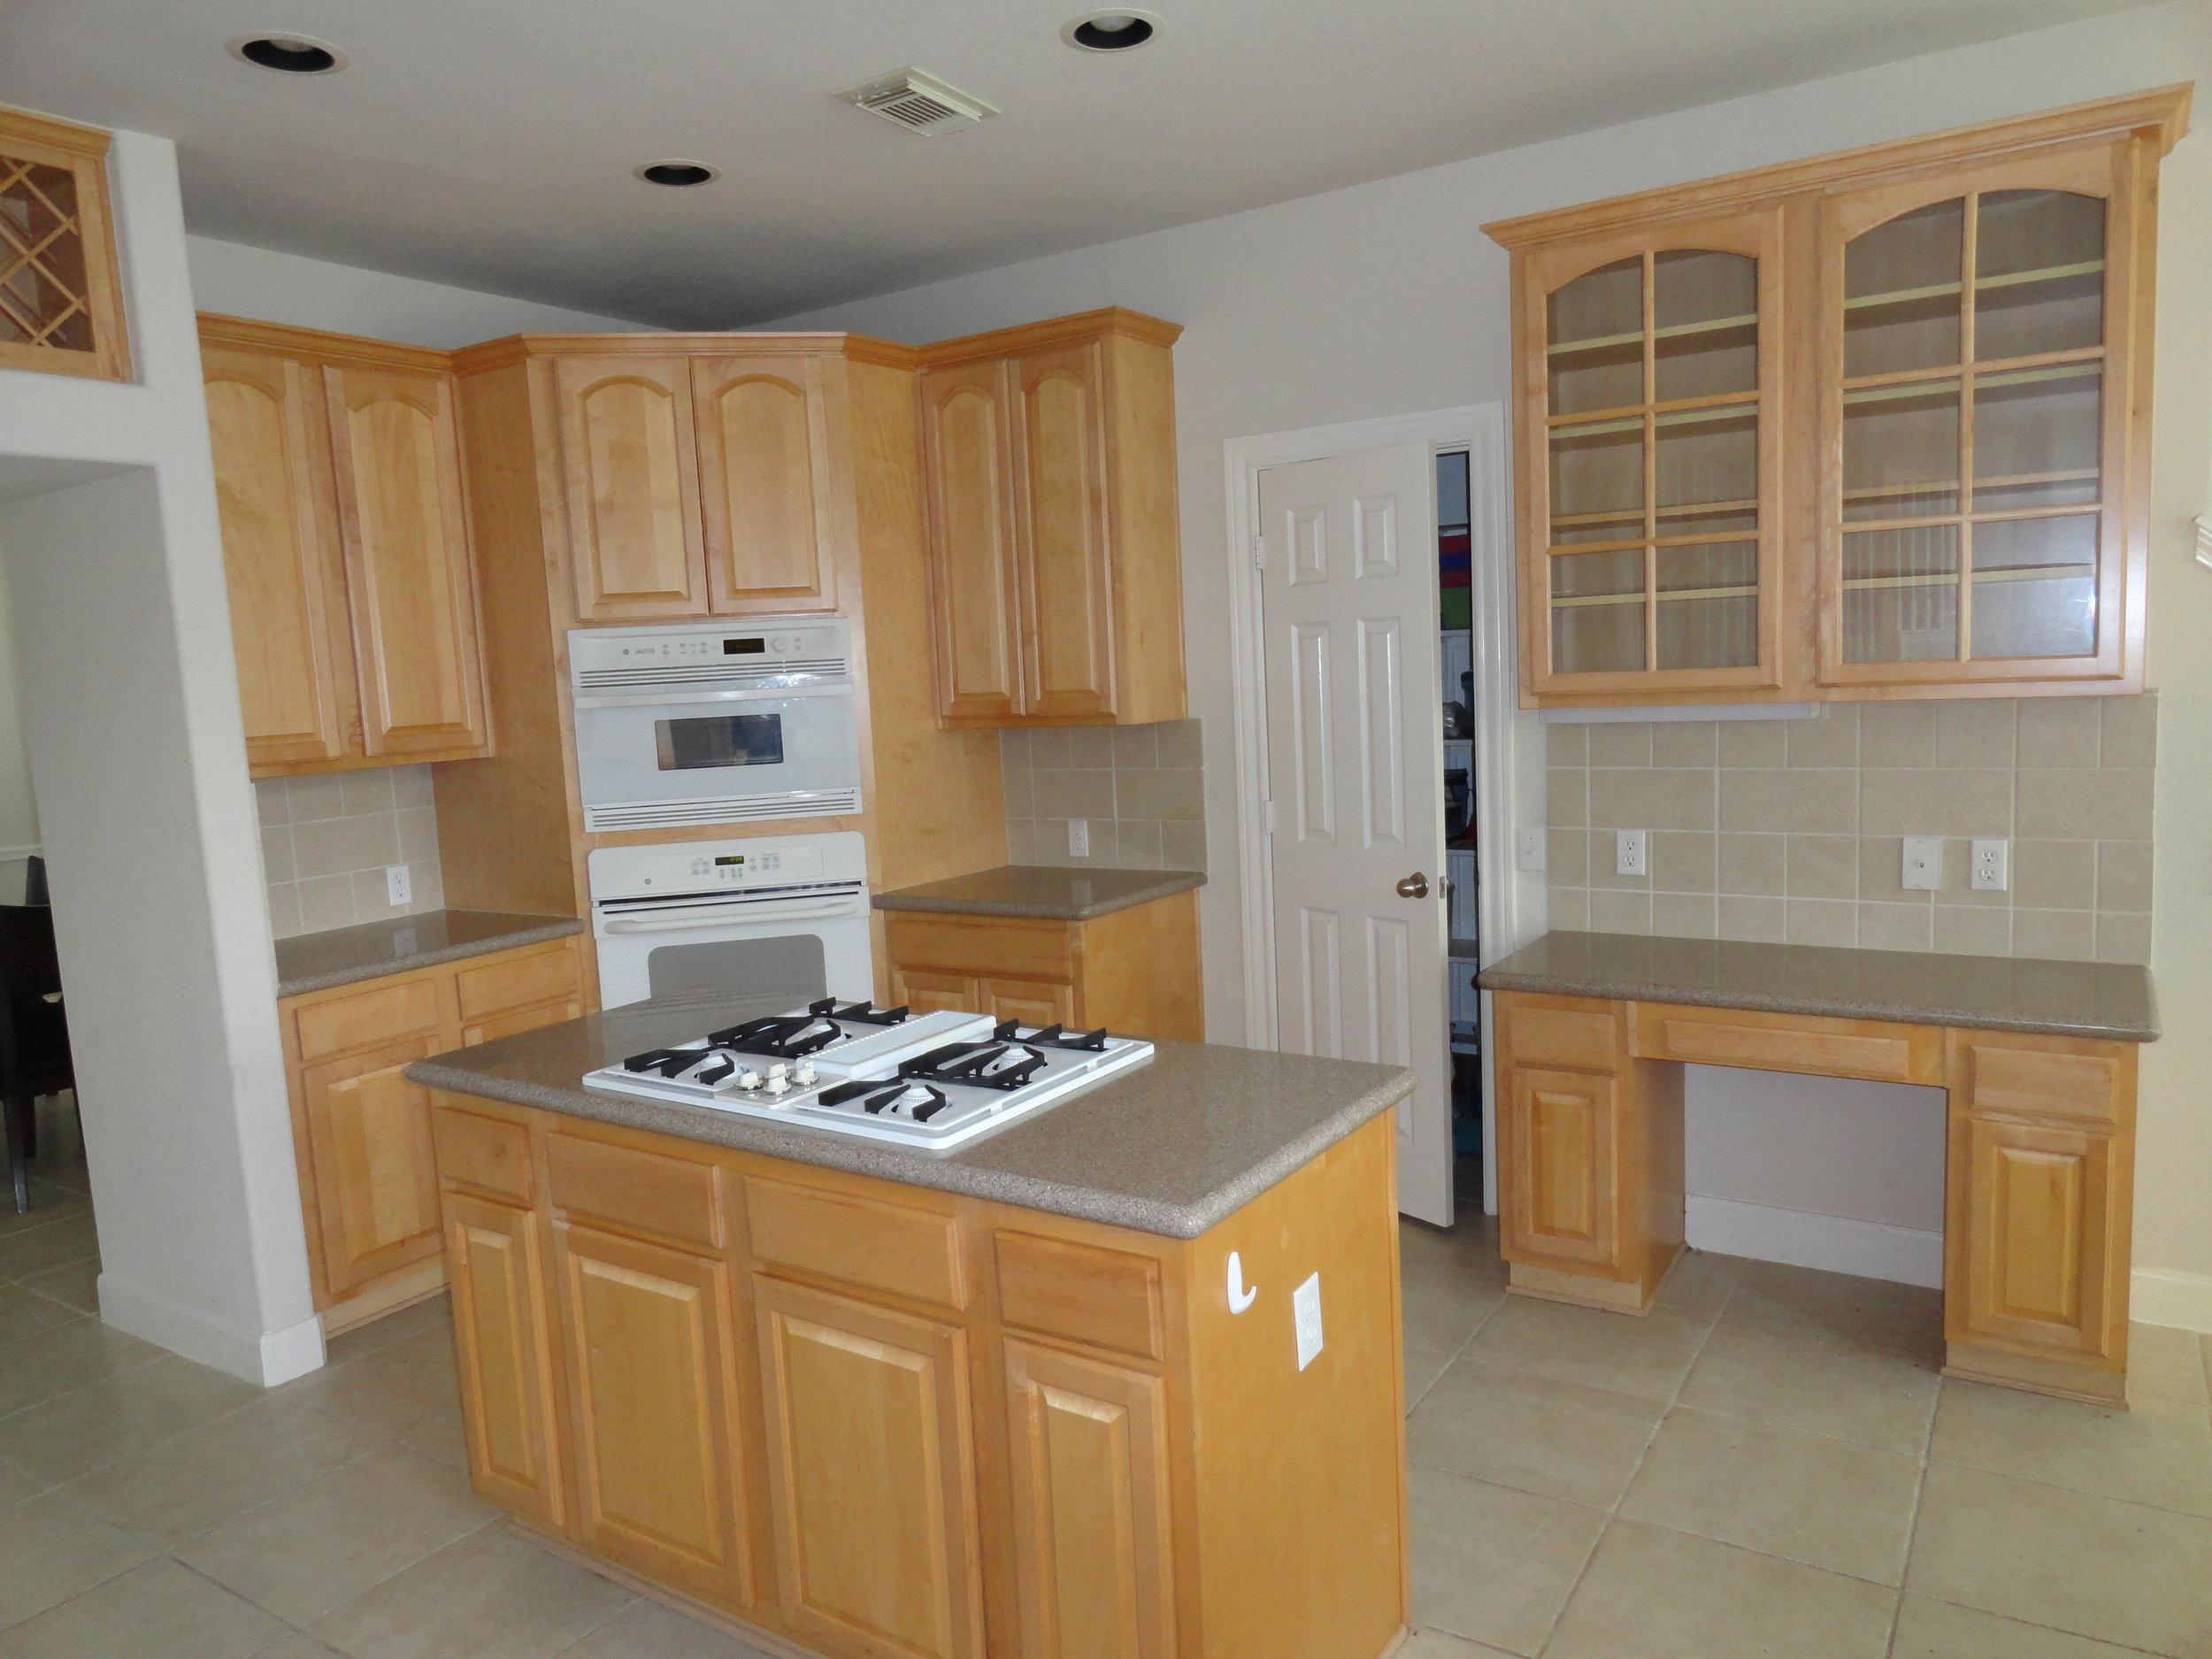 kitchen 3, before.JPG